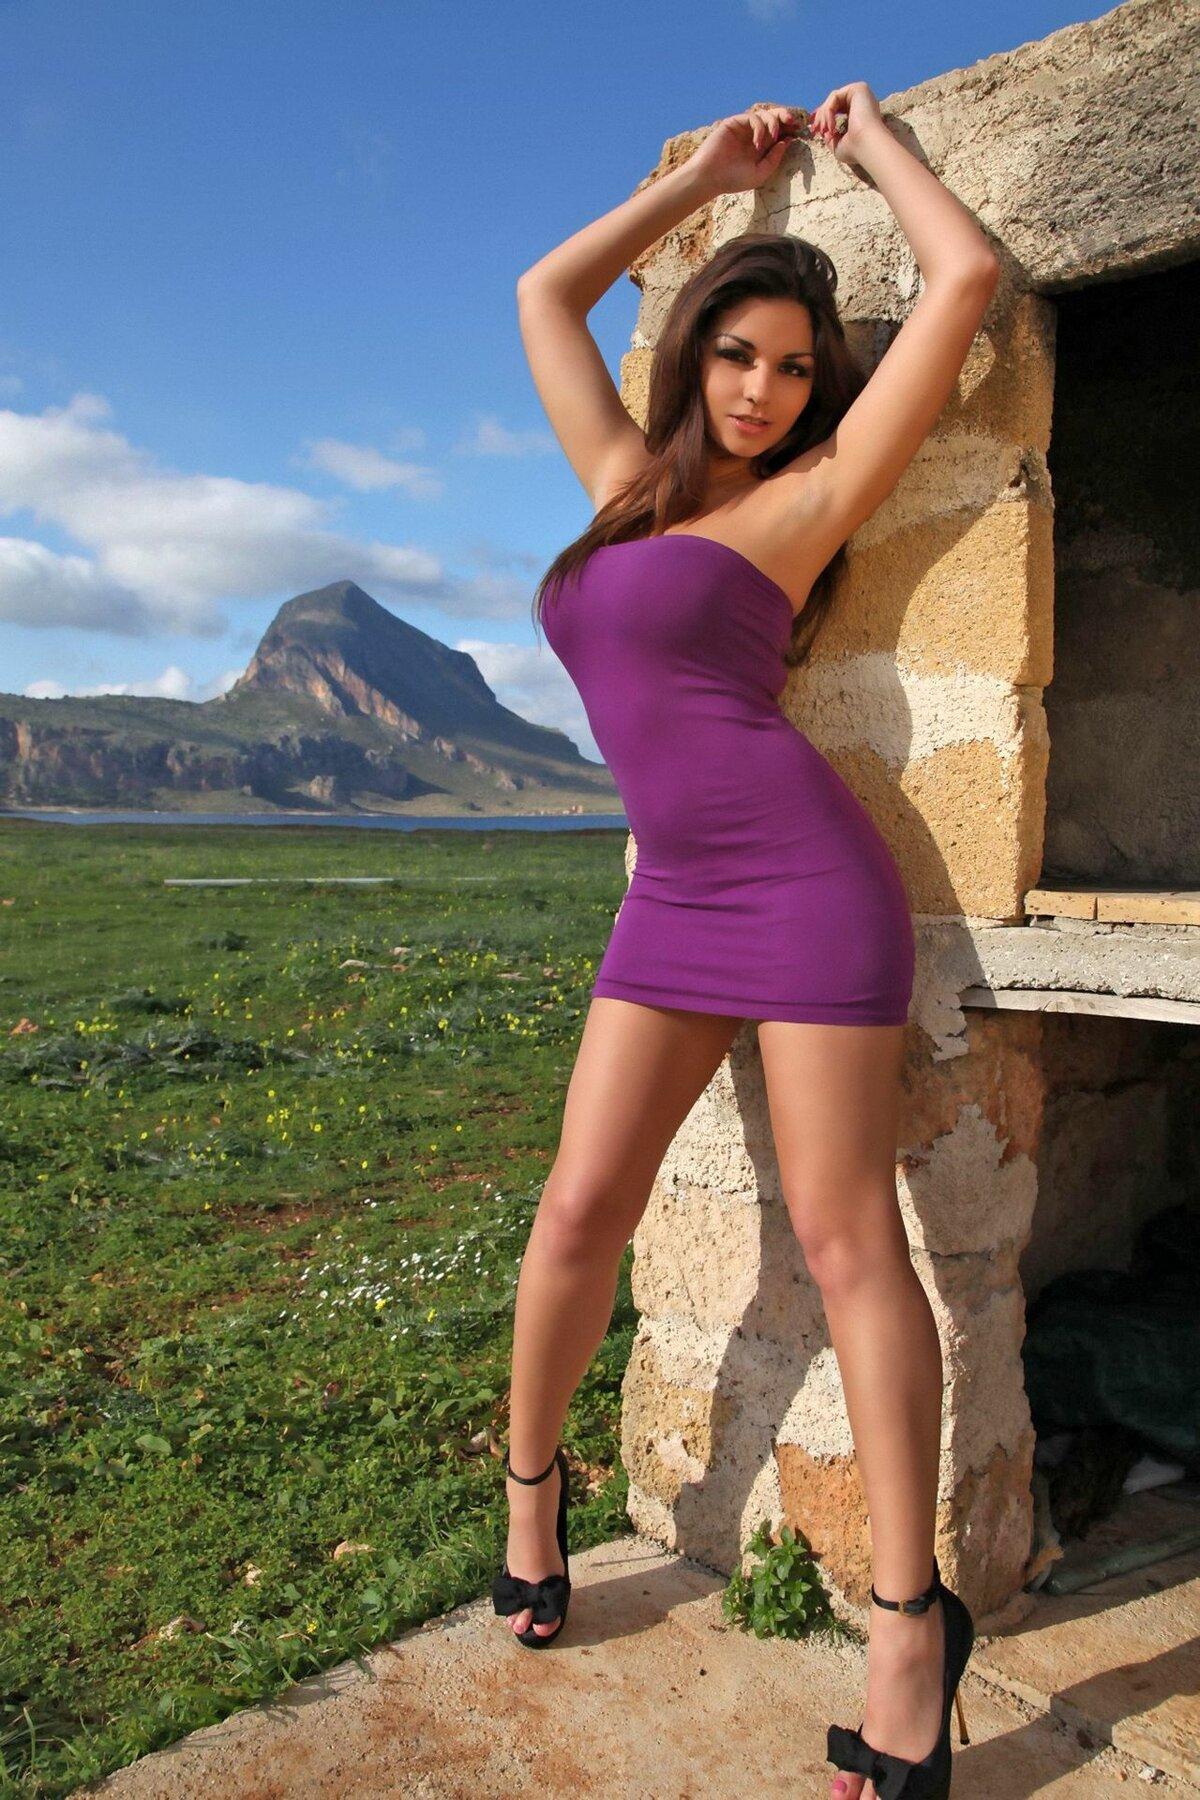 Мужики эро фото девушек коротком платье русское